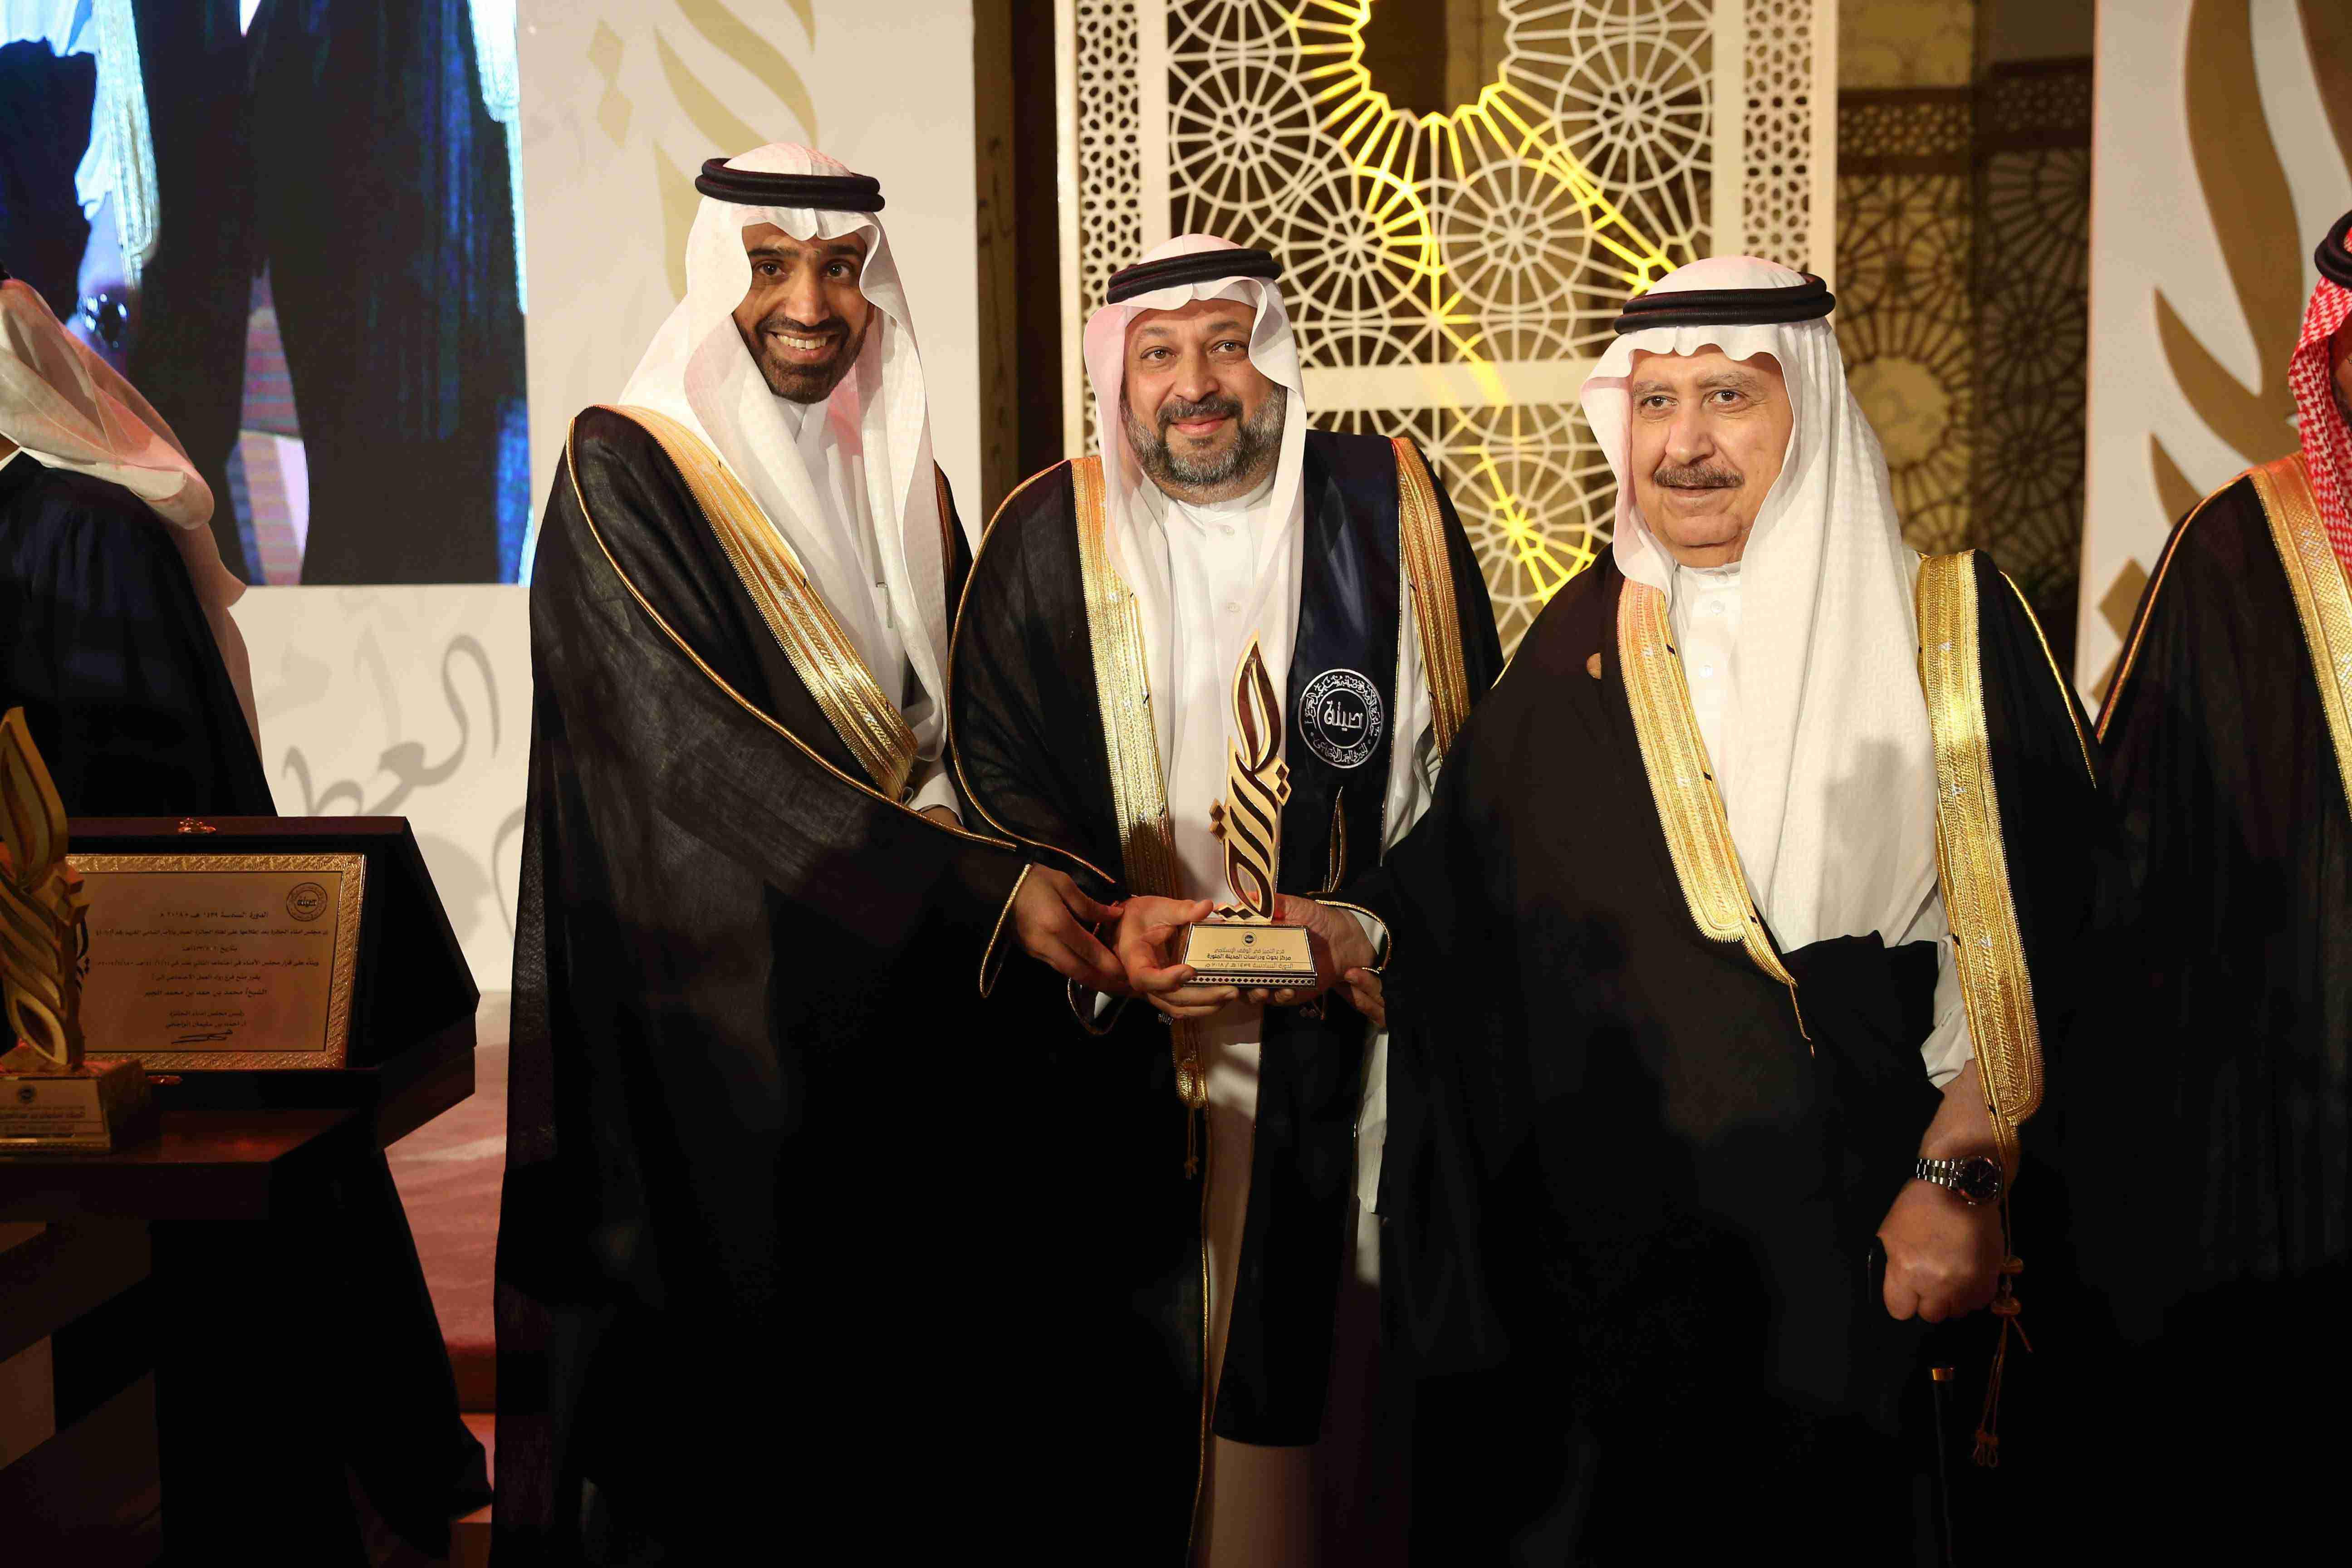 الفائز في فرع الوقف الاسلامي بجائزة الأميرة صيتة لدورتها السادسة مركز بحوث ودراسات المدينة المنورة